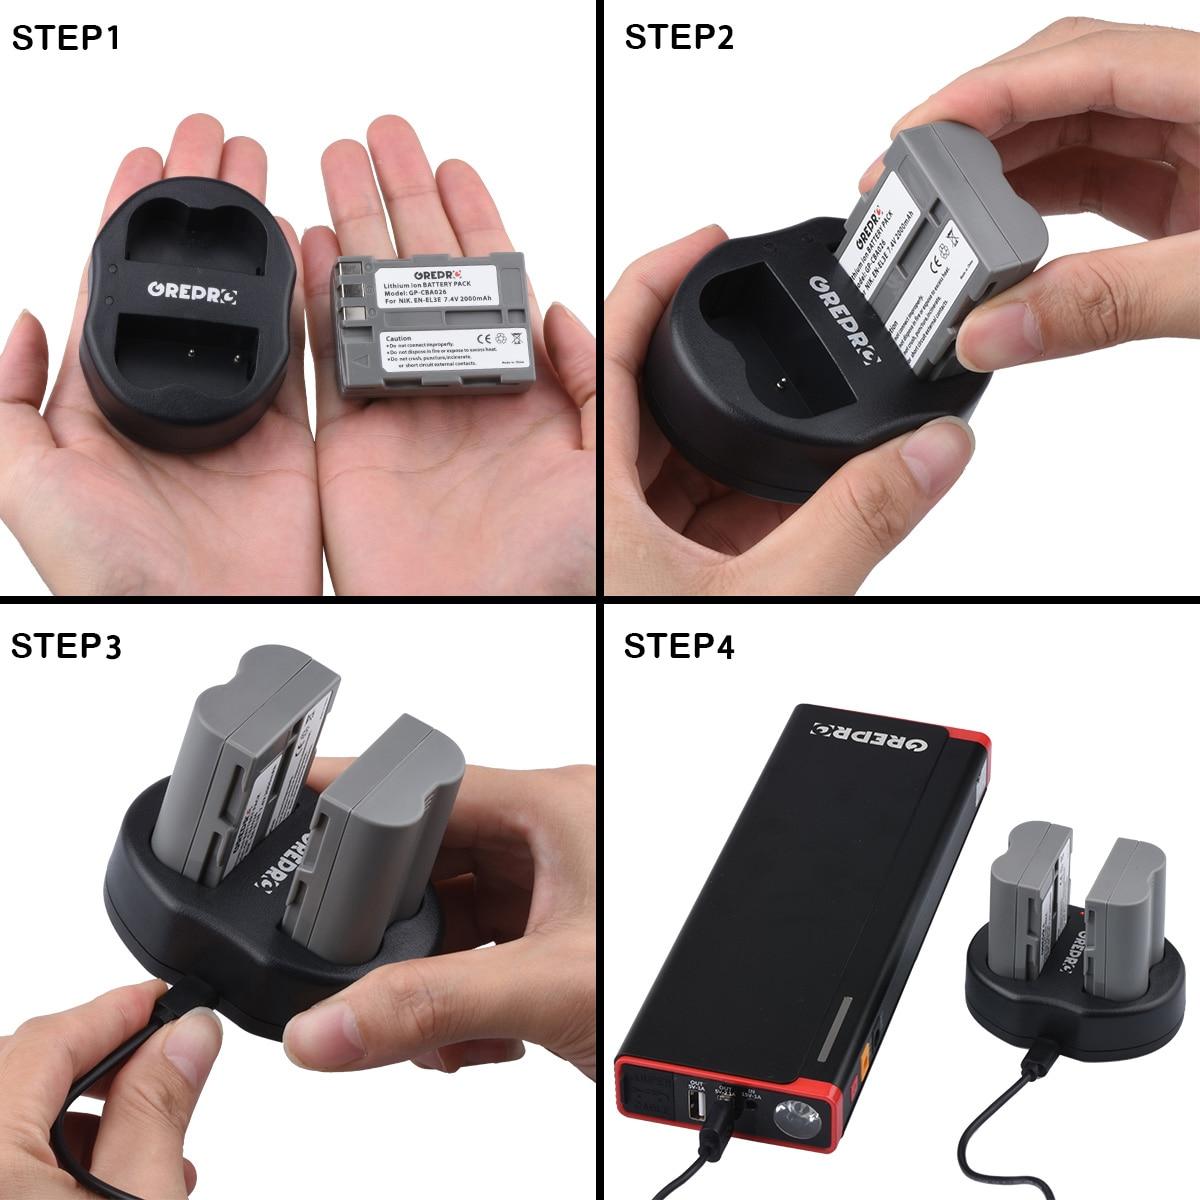 2000mAh EN-EL3E EN EL3E Replacement Battery with Charger for Nikon D300 D90 D80 D200 D70 D50 D800 D700 D30 Camera